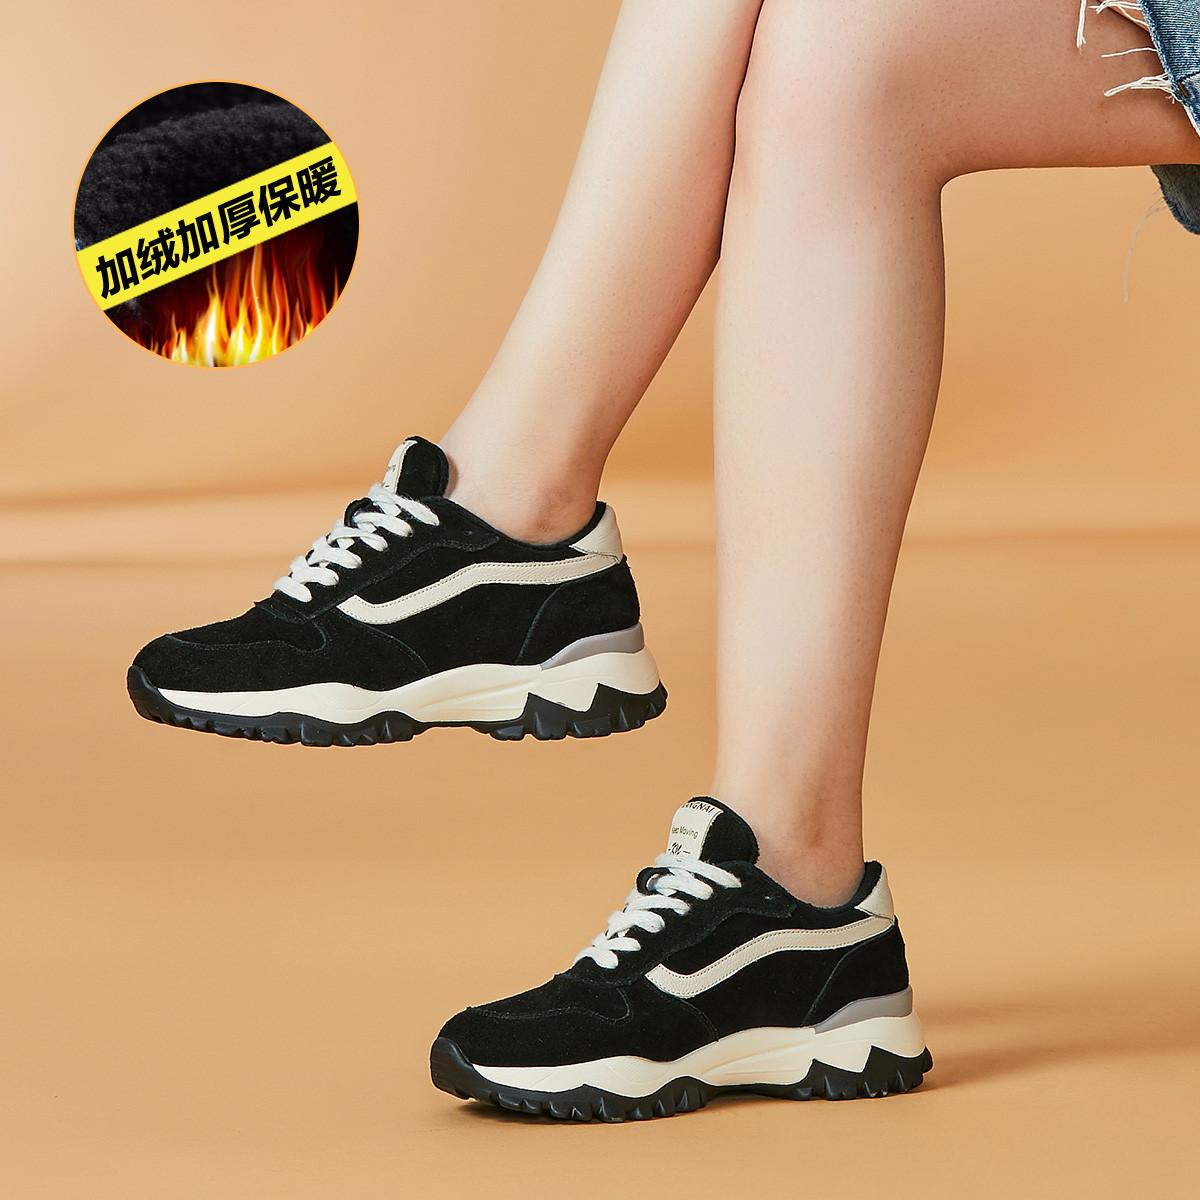 【爆款】冬季新款女鞋运动休闲鞋牛反绒保暖加绒厚底鞋老爹鞋女鞋